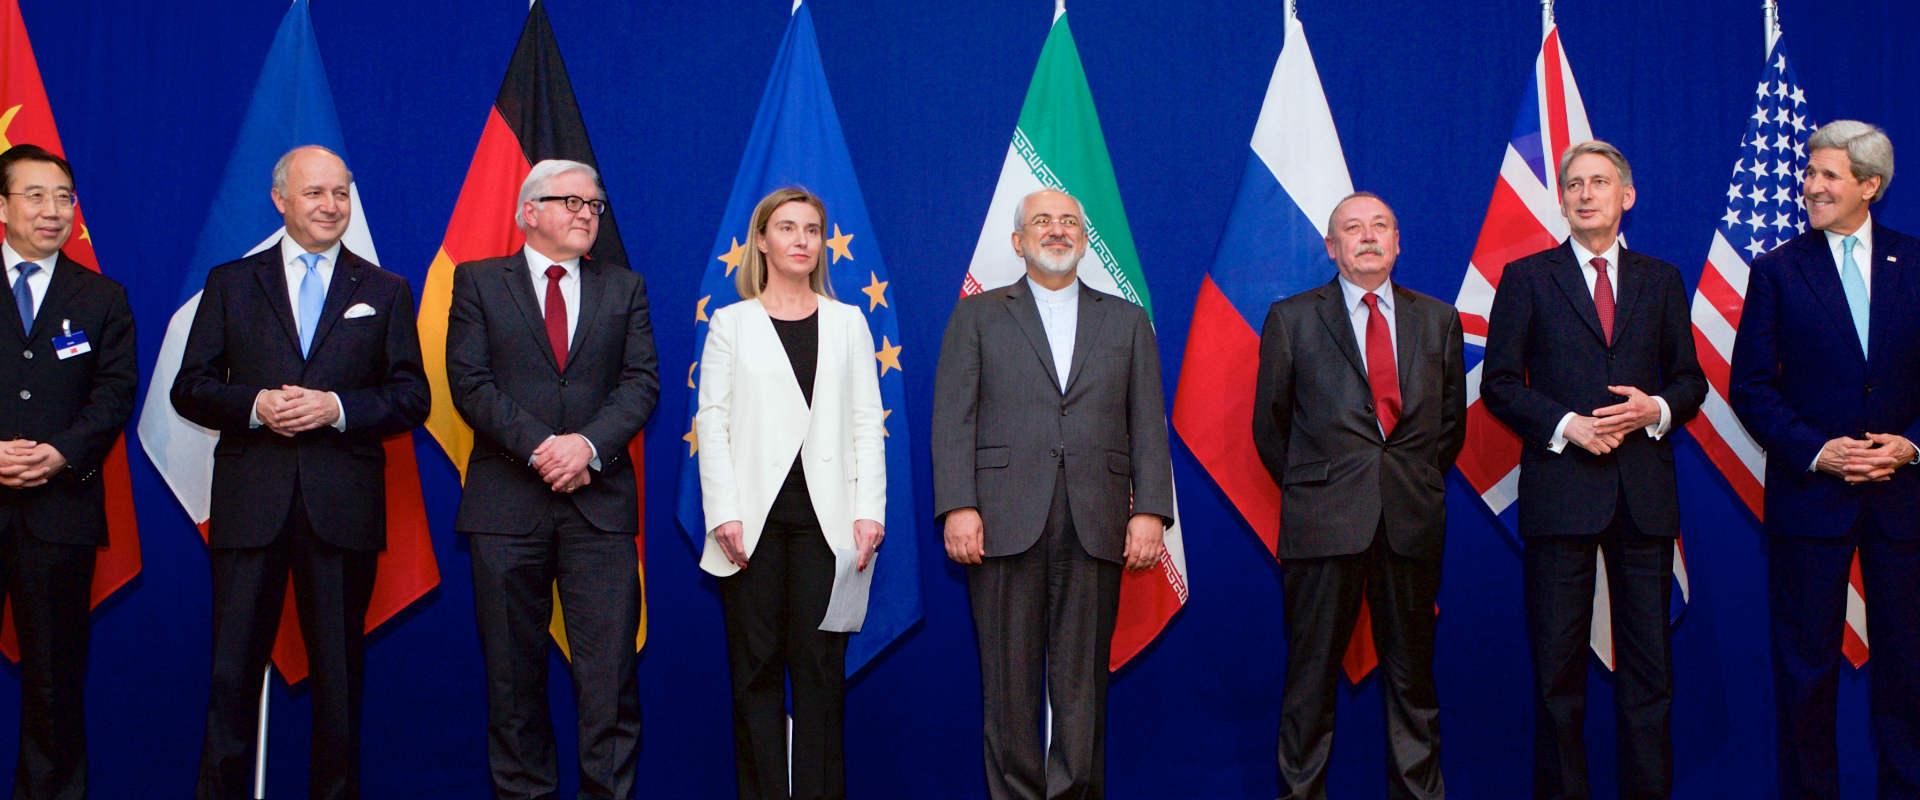 שרי החוץ של המדינות החתומות על הסכם הגרעין בעת החת